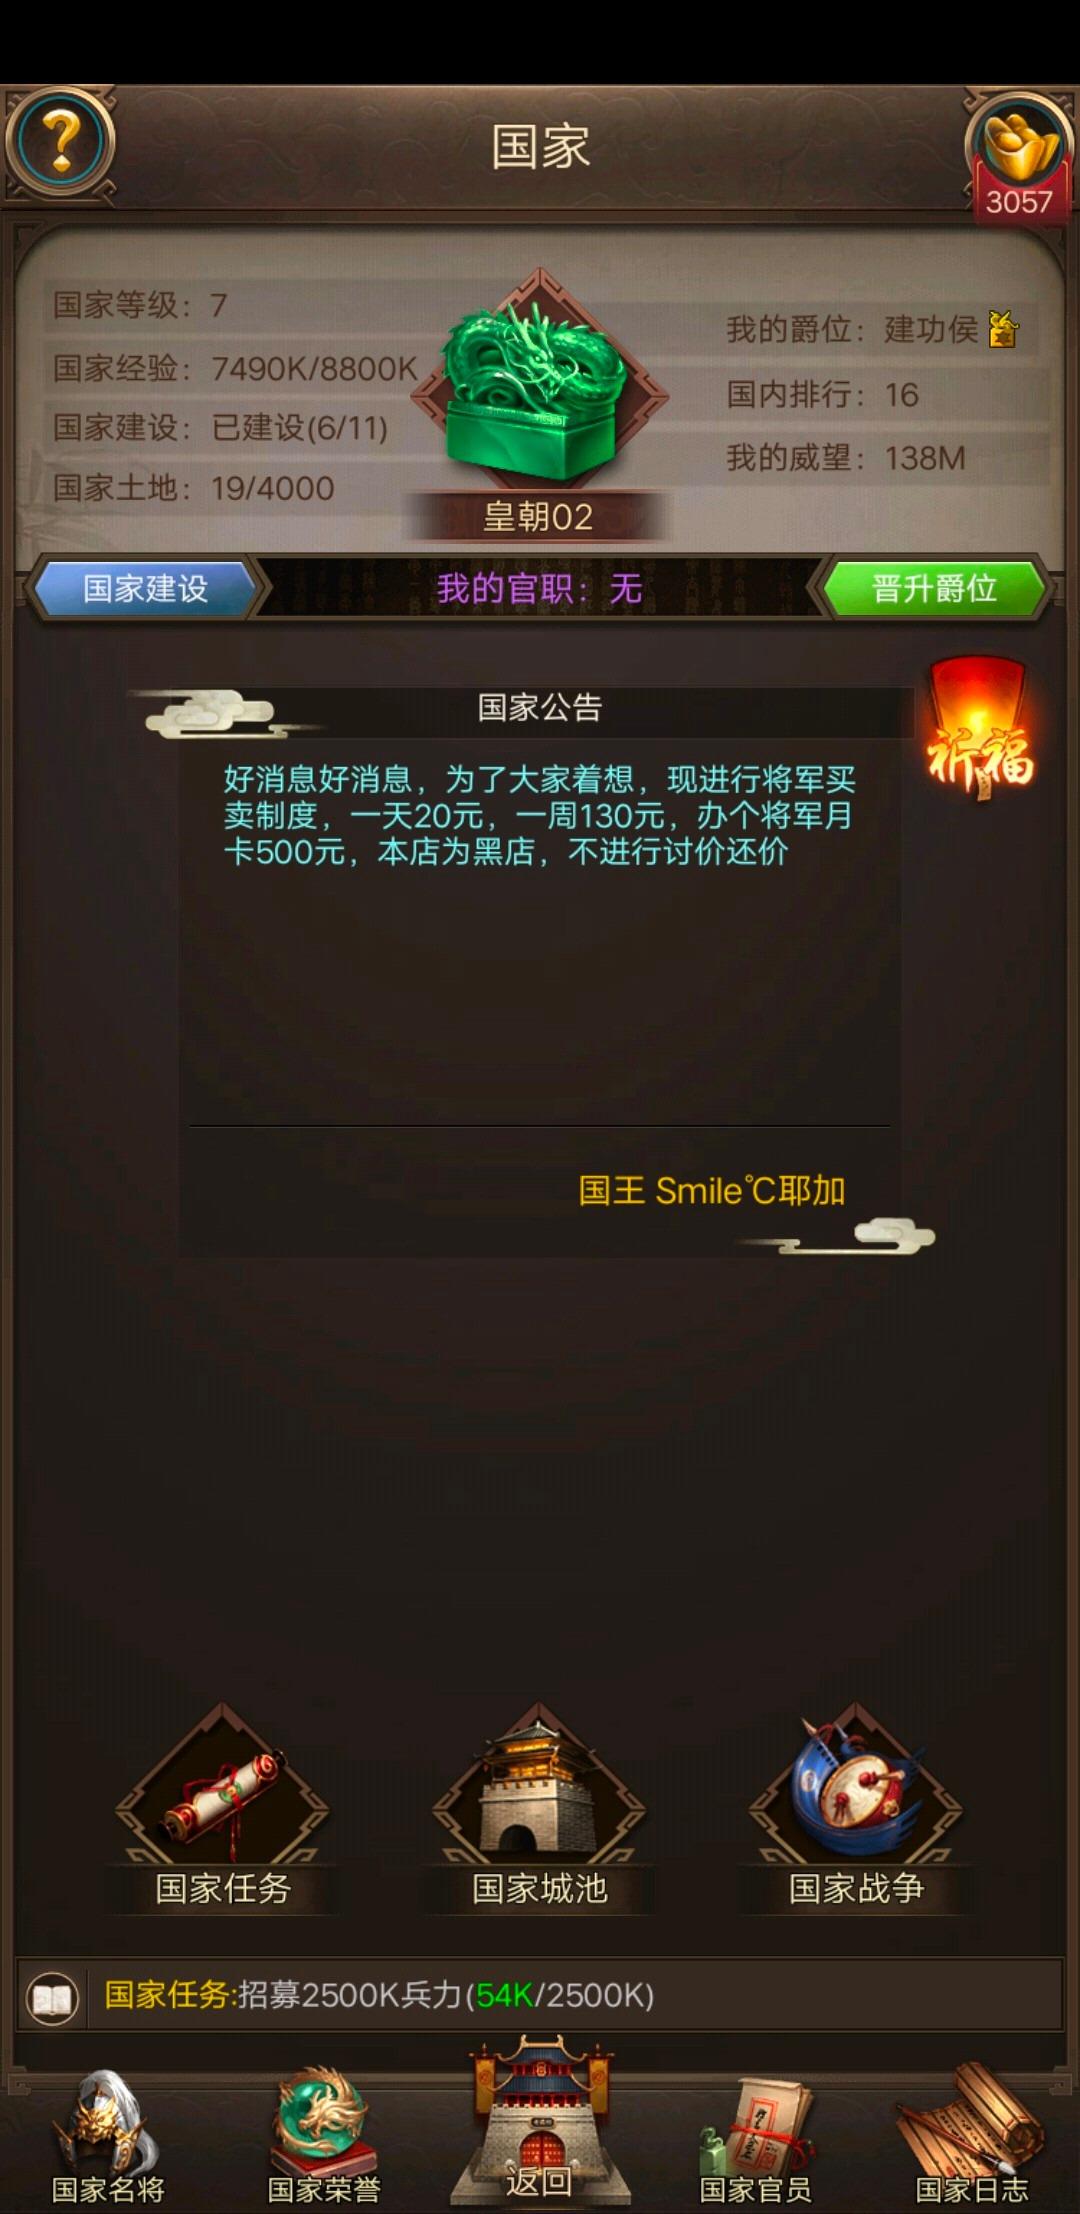 Screenshot_2019_0328_212333.jpg